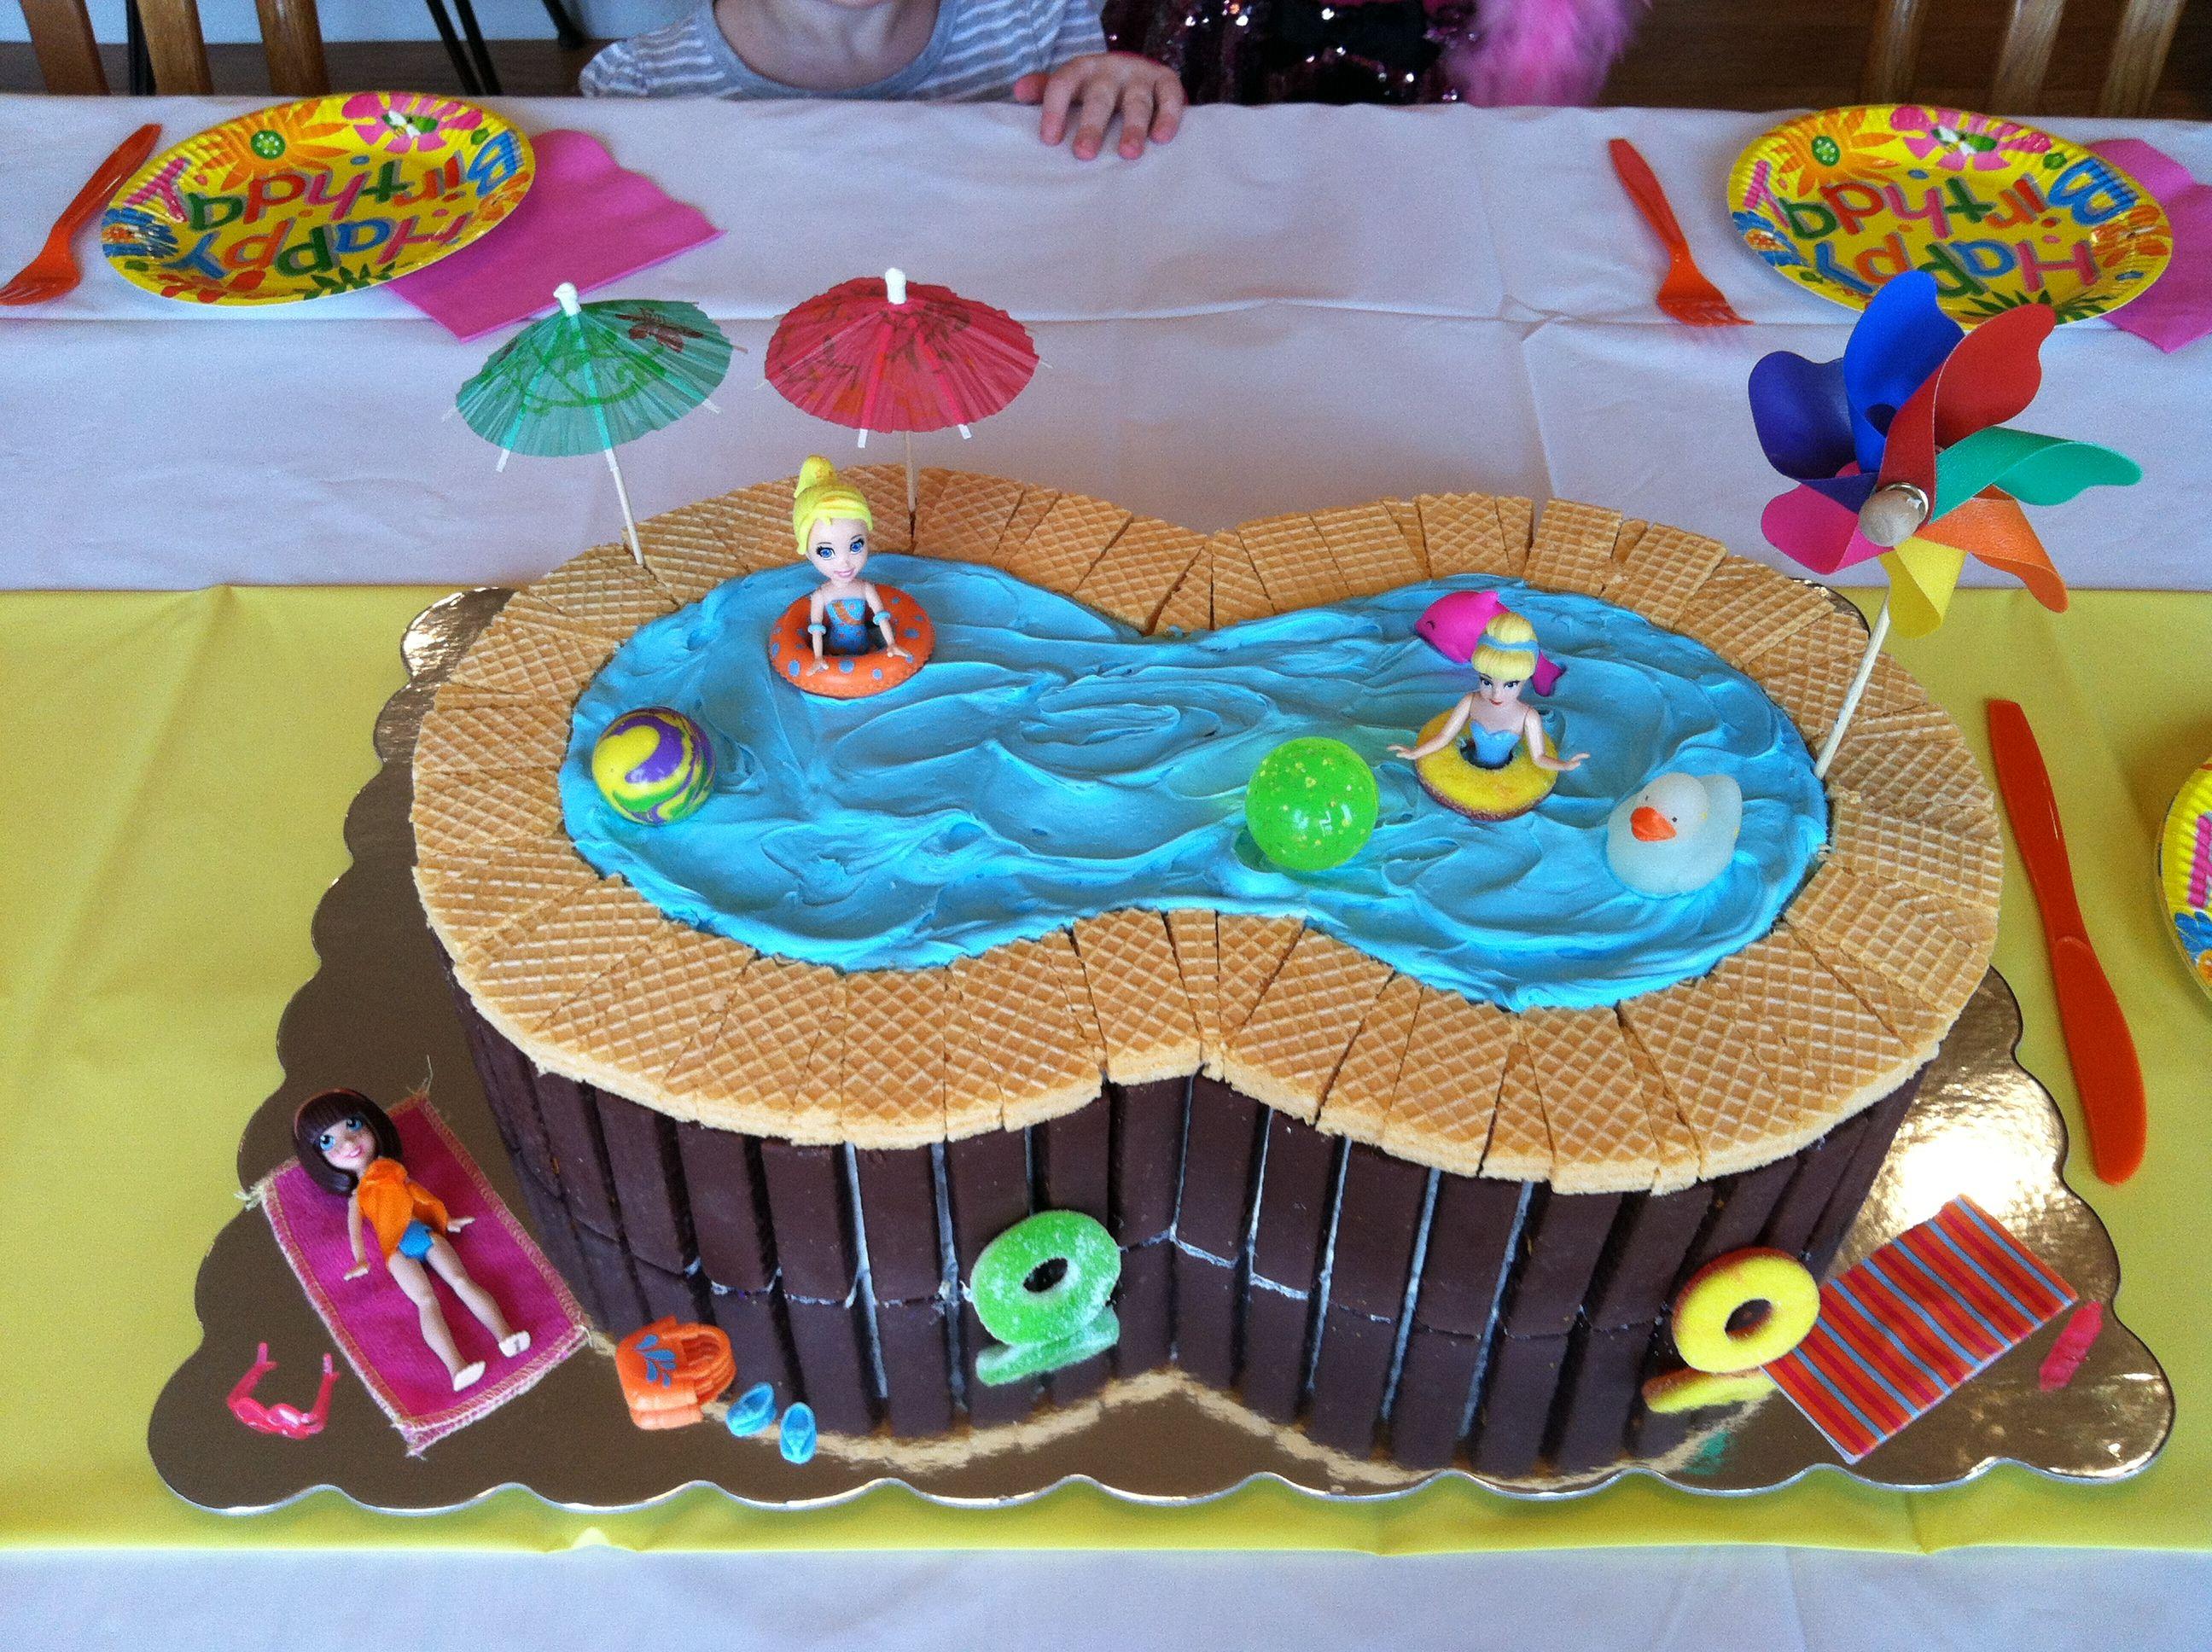 Swimming Pool Birthday Cake Use 9 Inch Round Cake Layer